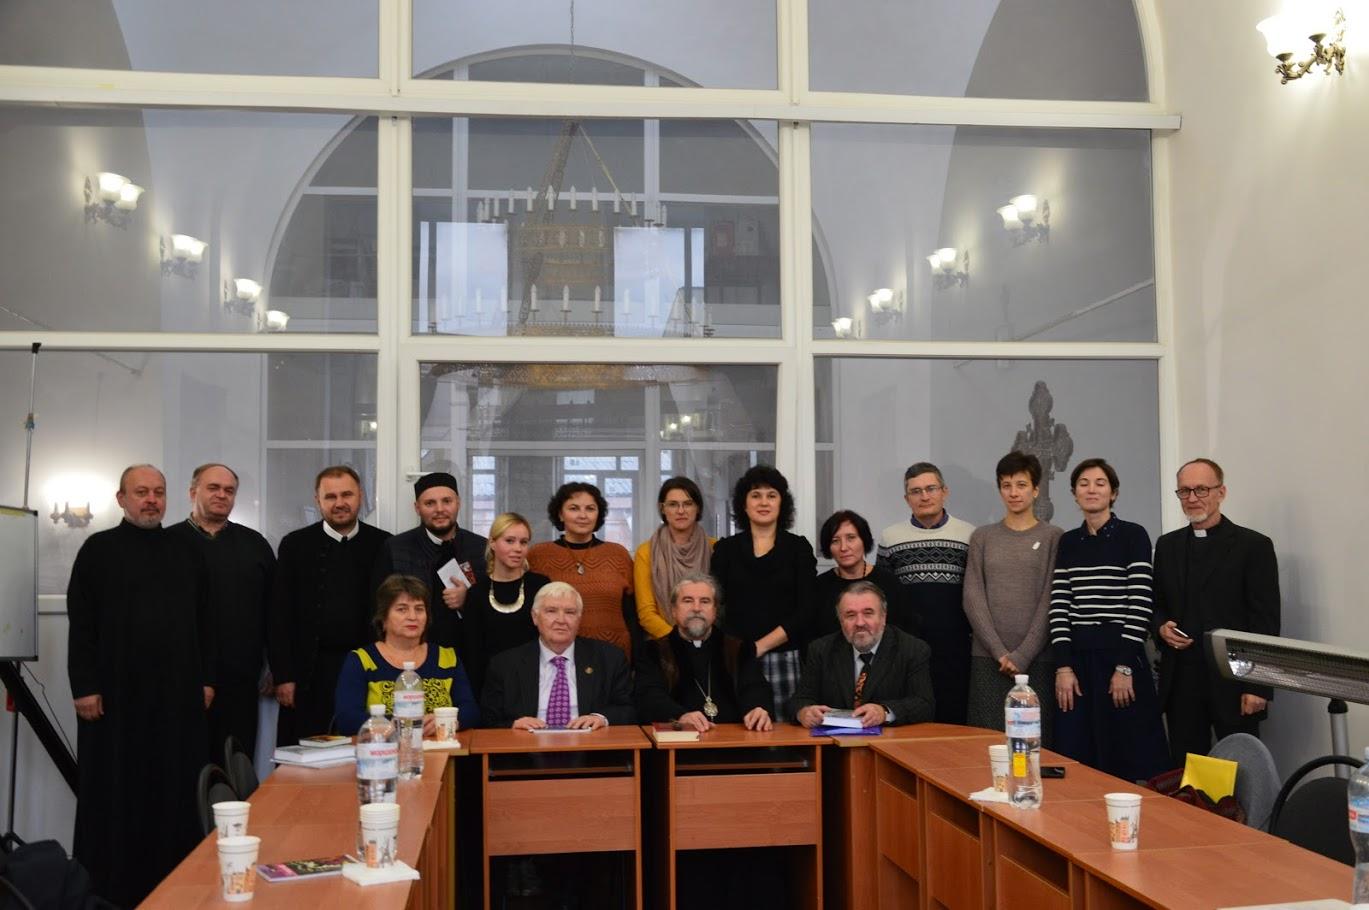 Роль Почаївського василіанського монастиря в історії української культури обговорили у Харкові на міжнародній конференції